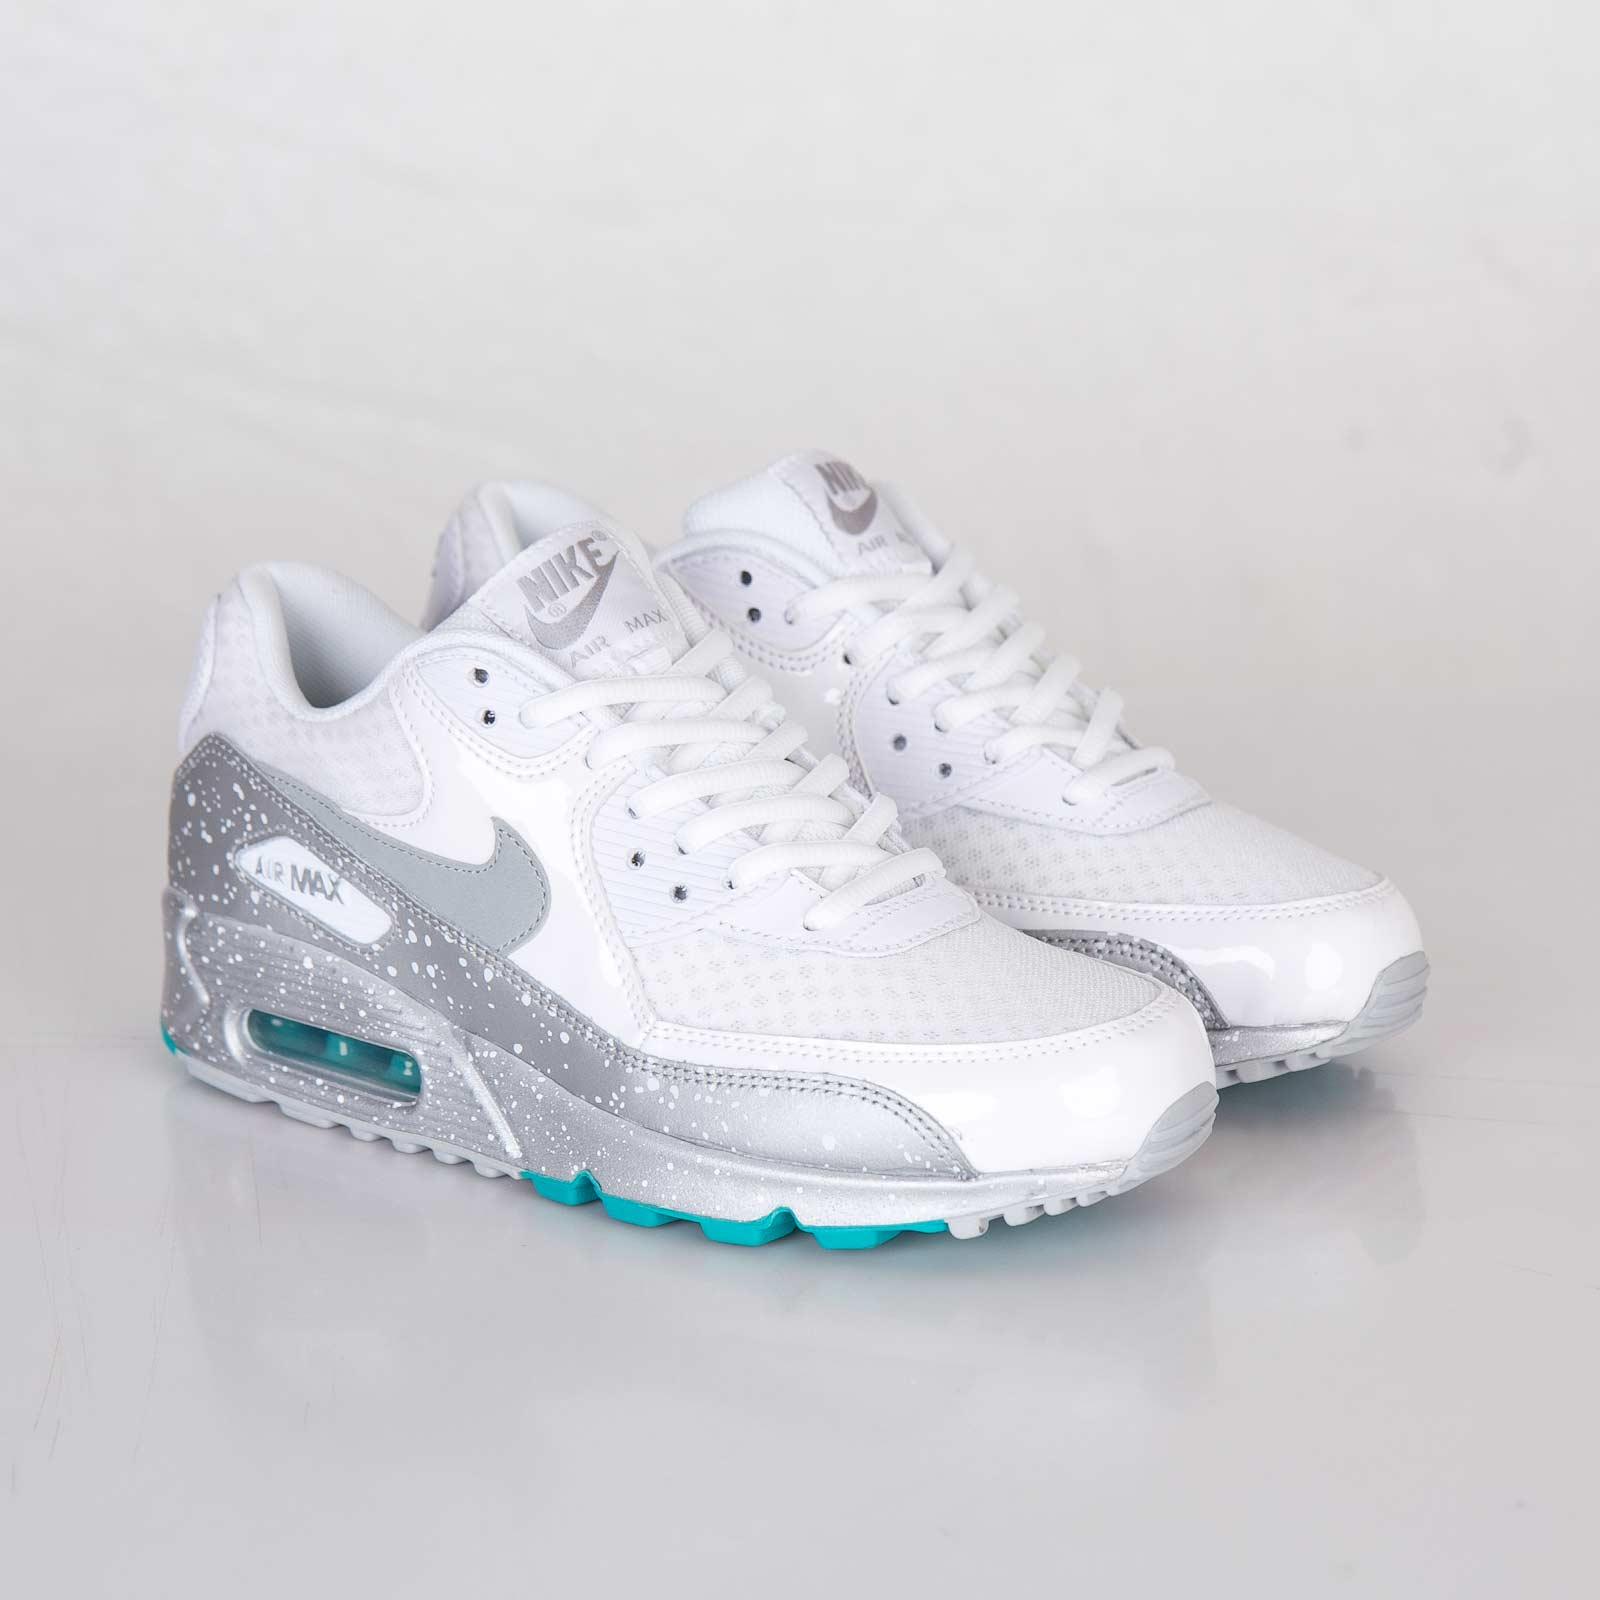 promo code a403e 30c26 Nike Wmns Air Max 90